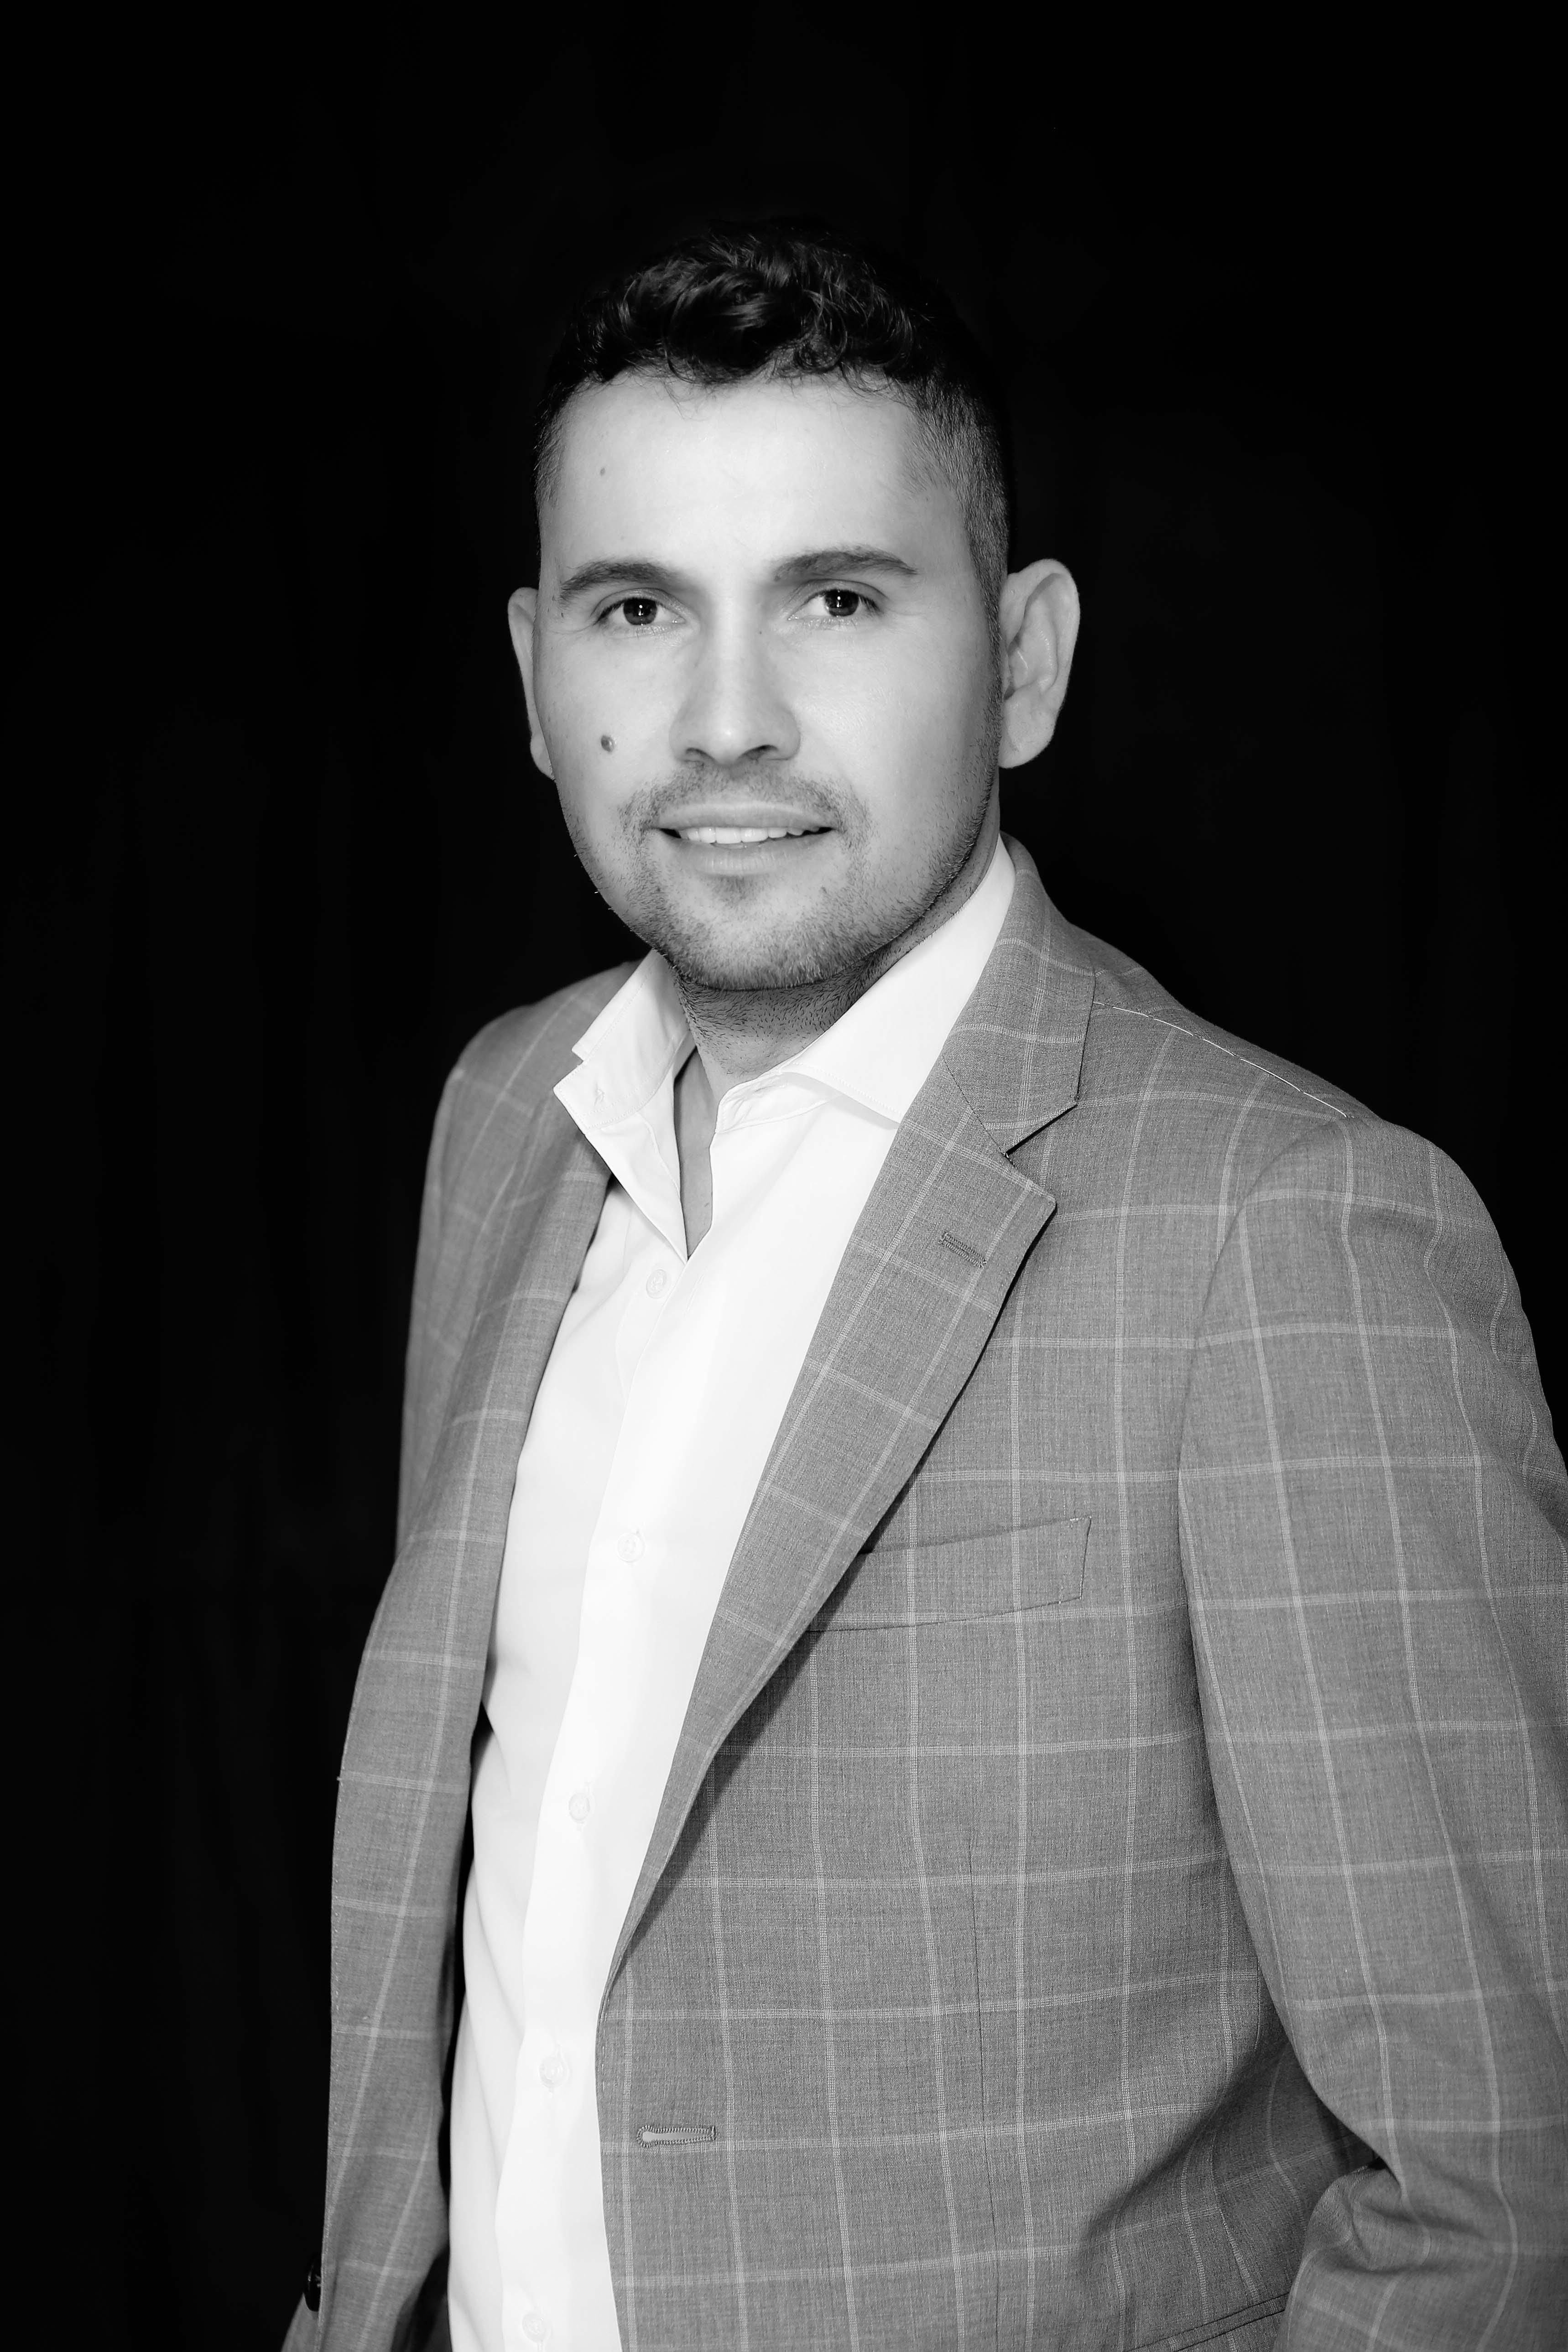 Adrián Toscano